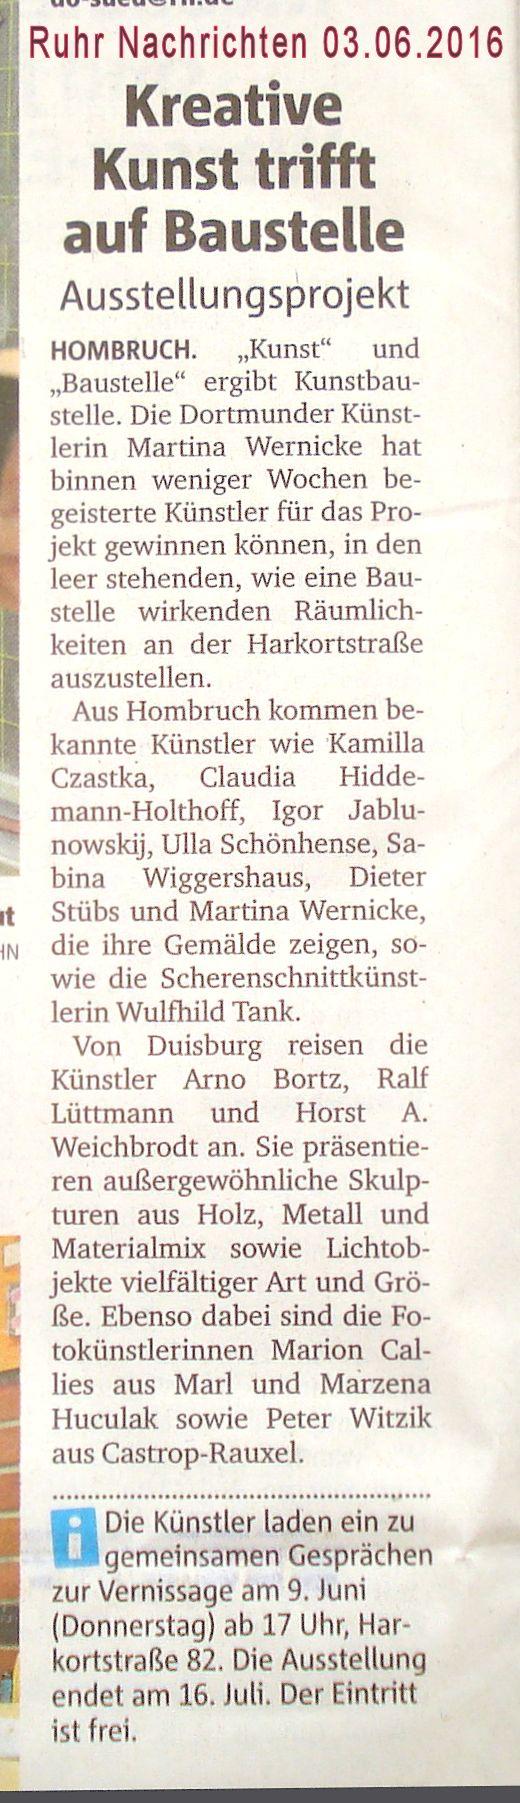 kunstbaustelle-hombruch-presse1